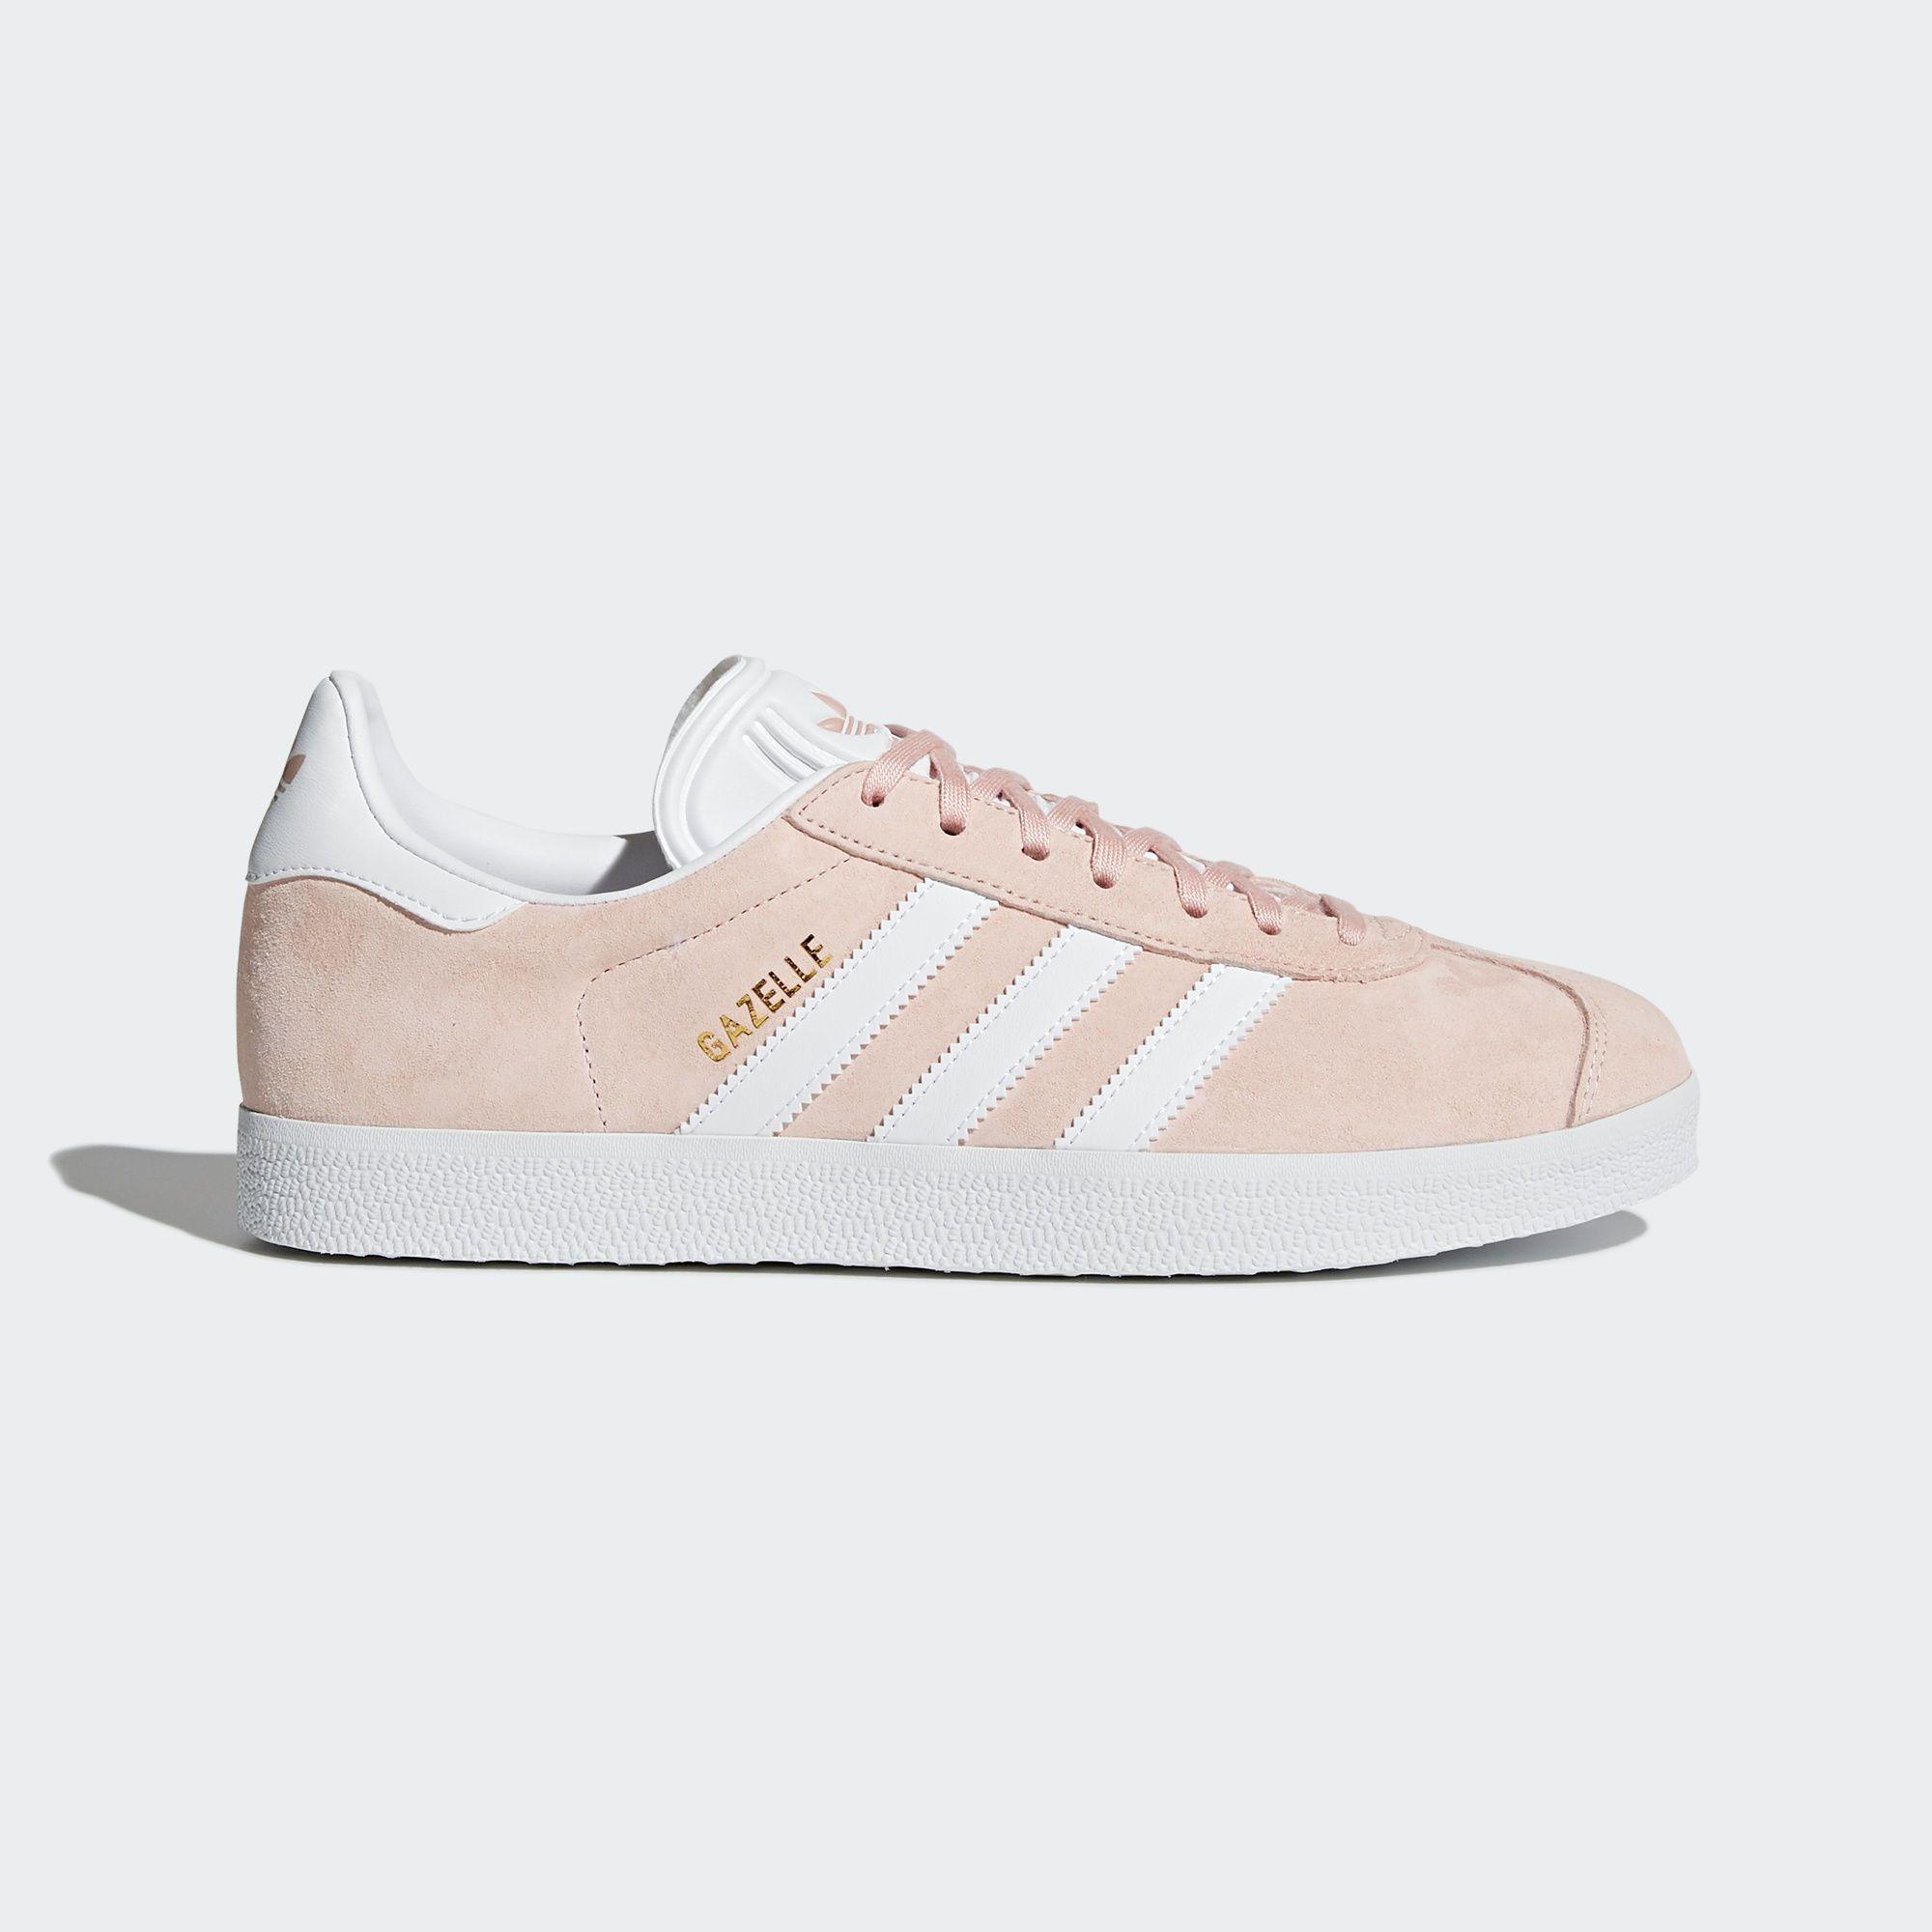 Gazelle Shoes | CFLUXESTYLE: Chic & Polished | Adidas